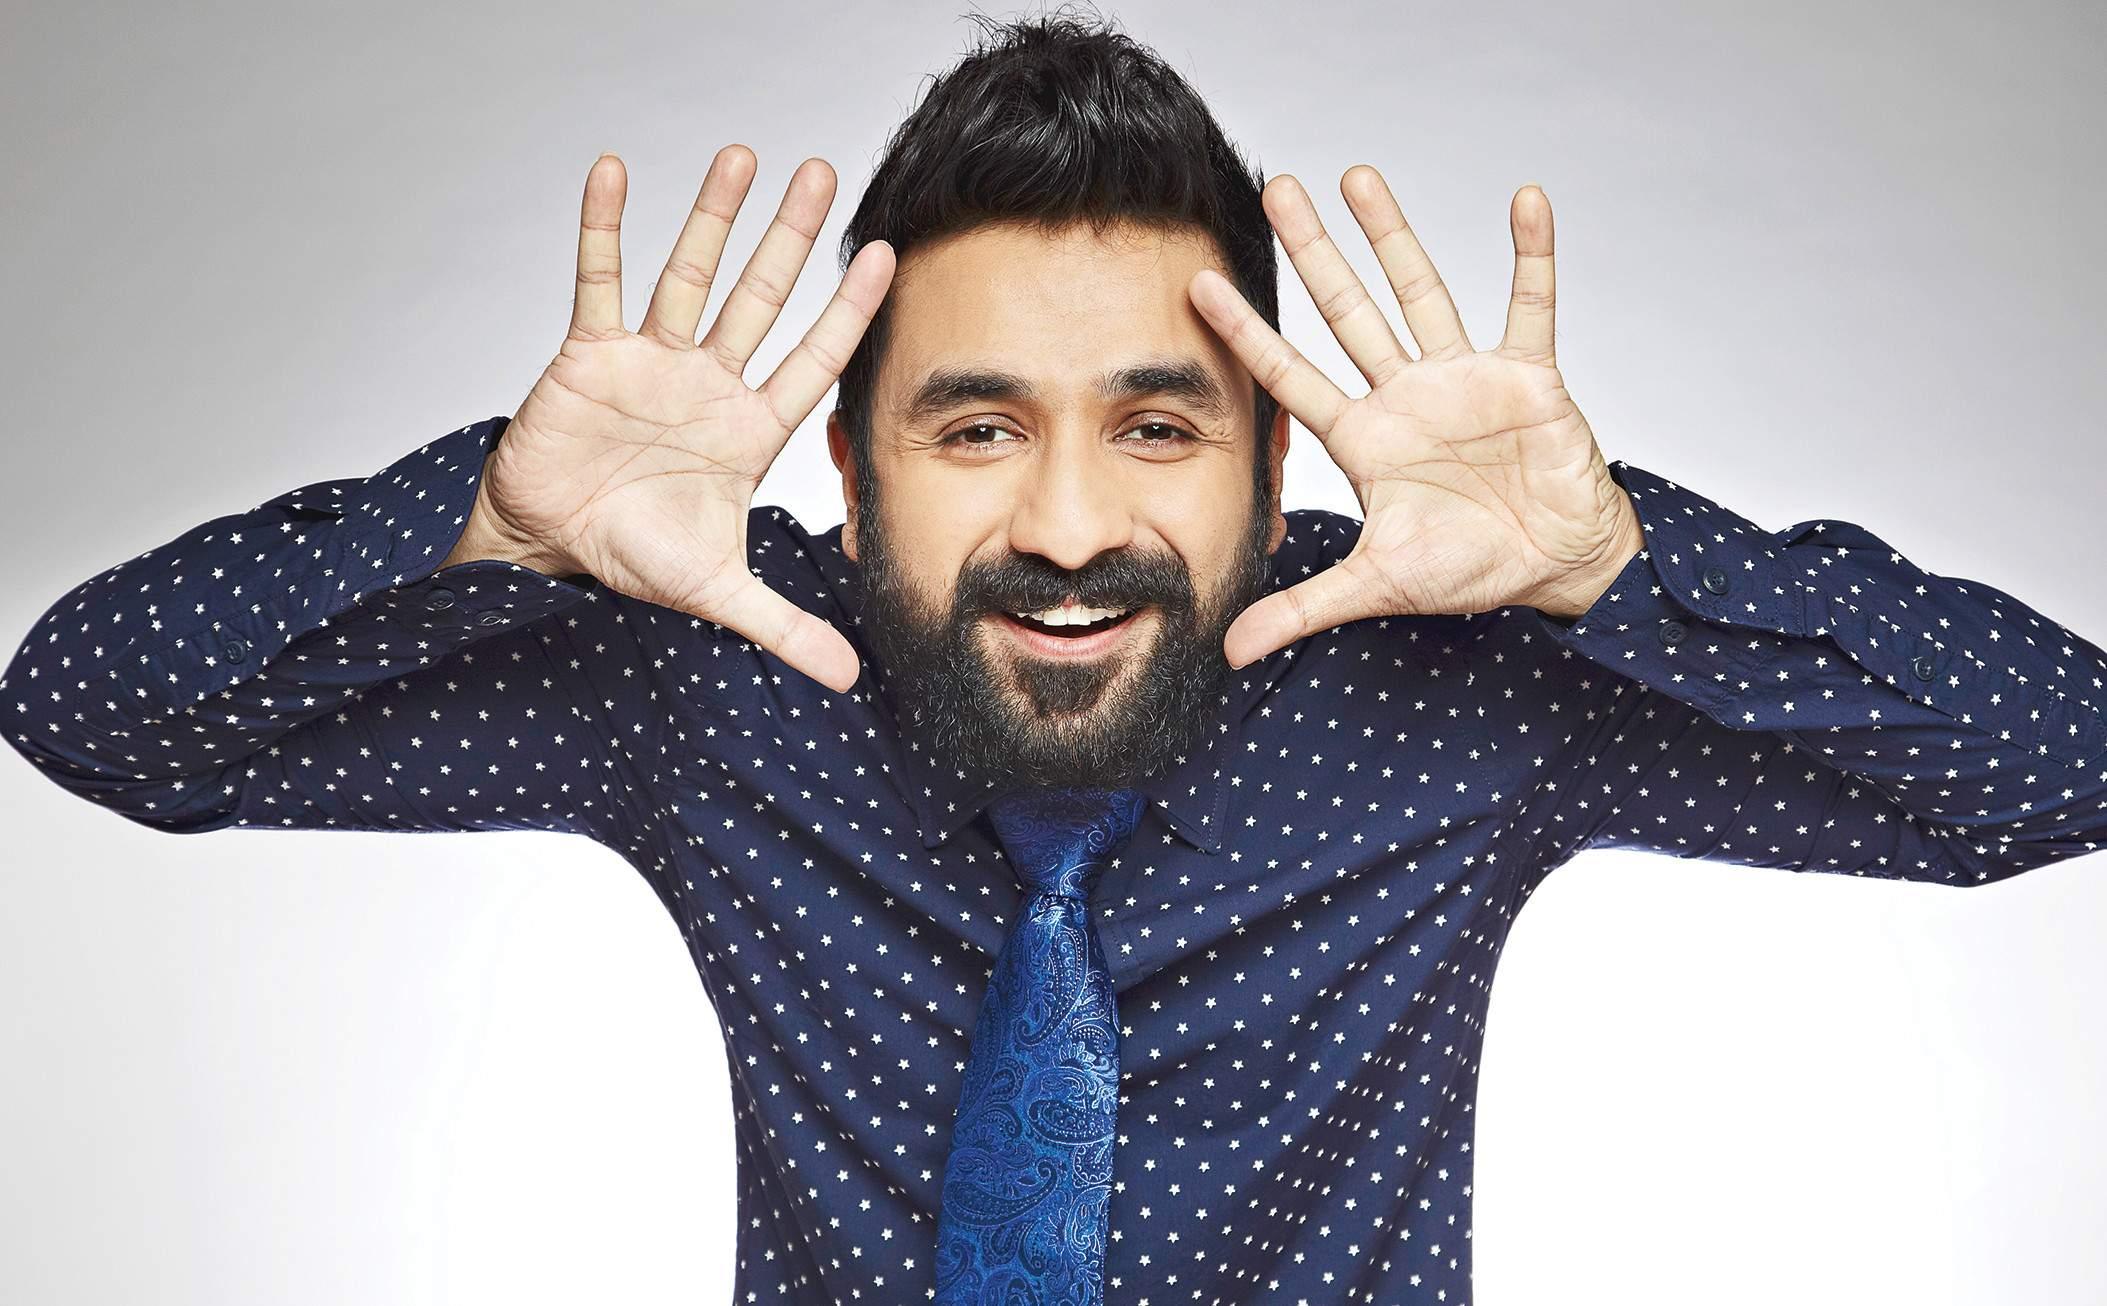 Vir Das arrive sur Netflix le 11 décembre prochain avec son nouveau spectacle Losing It!